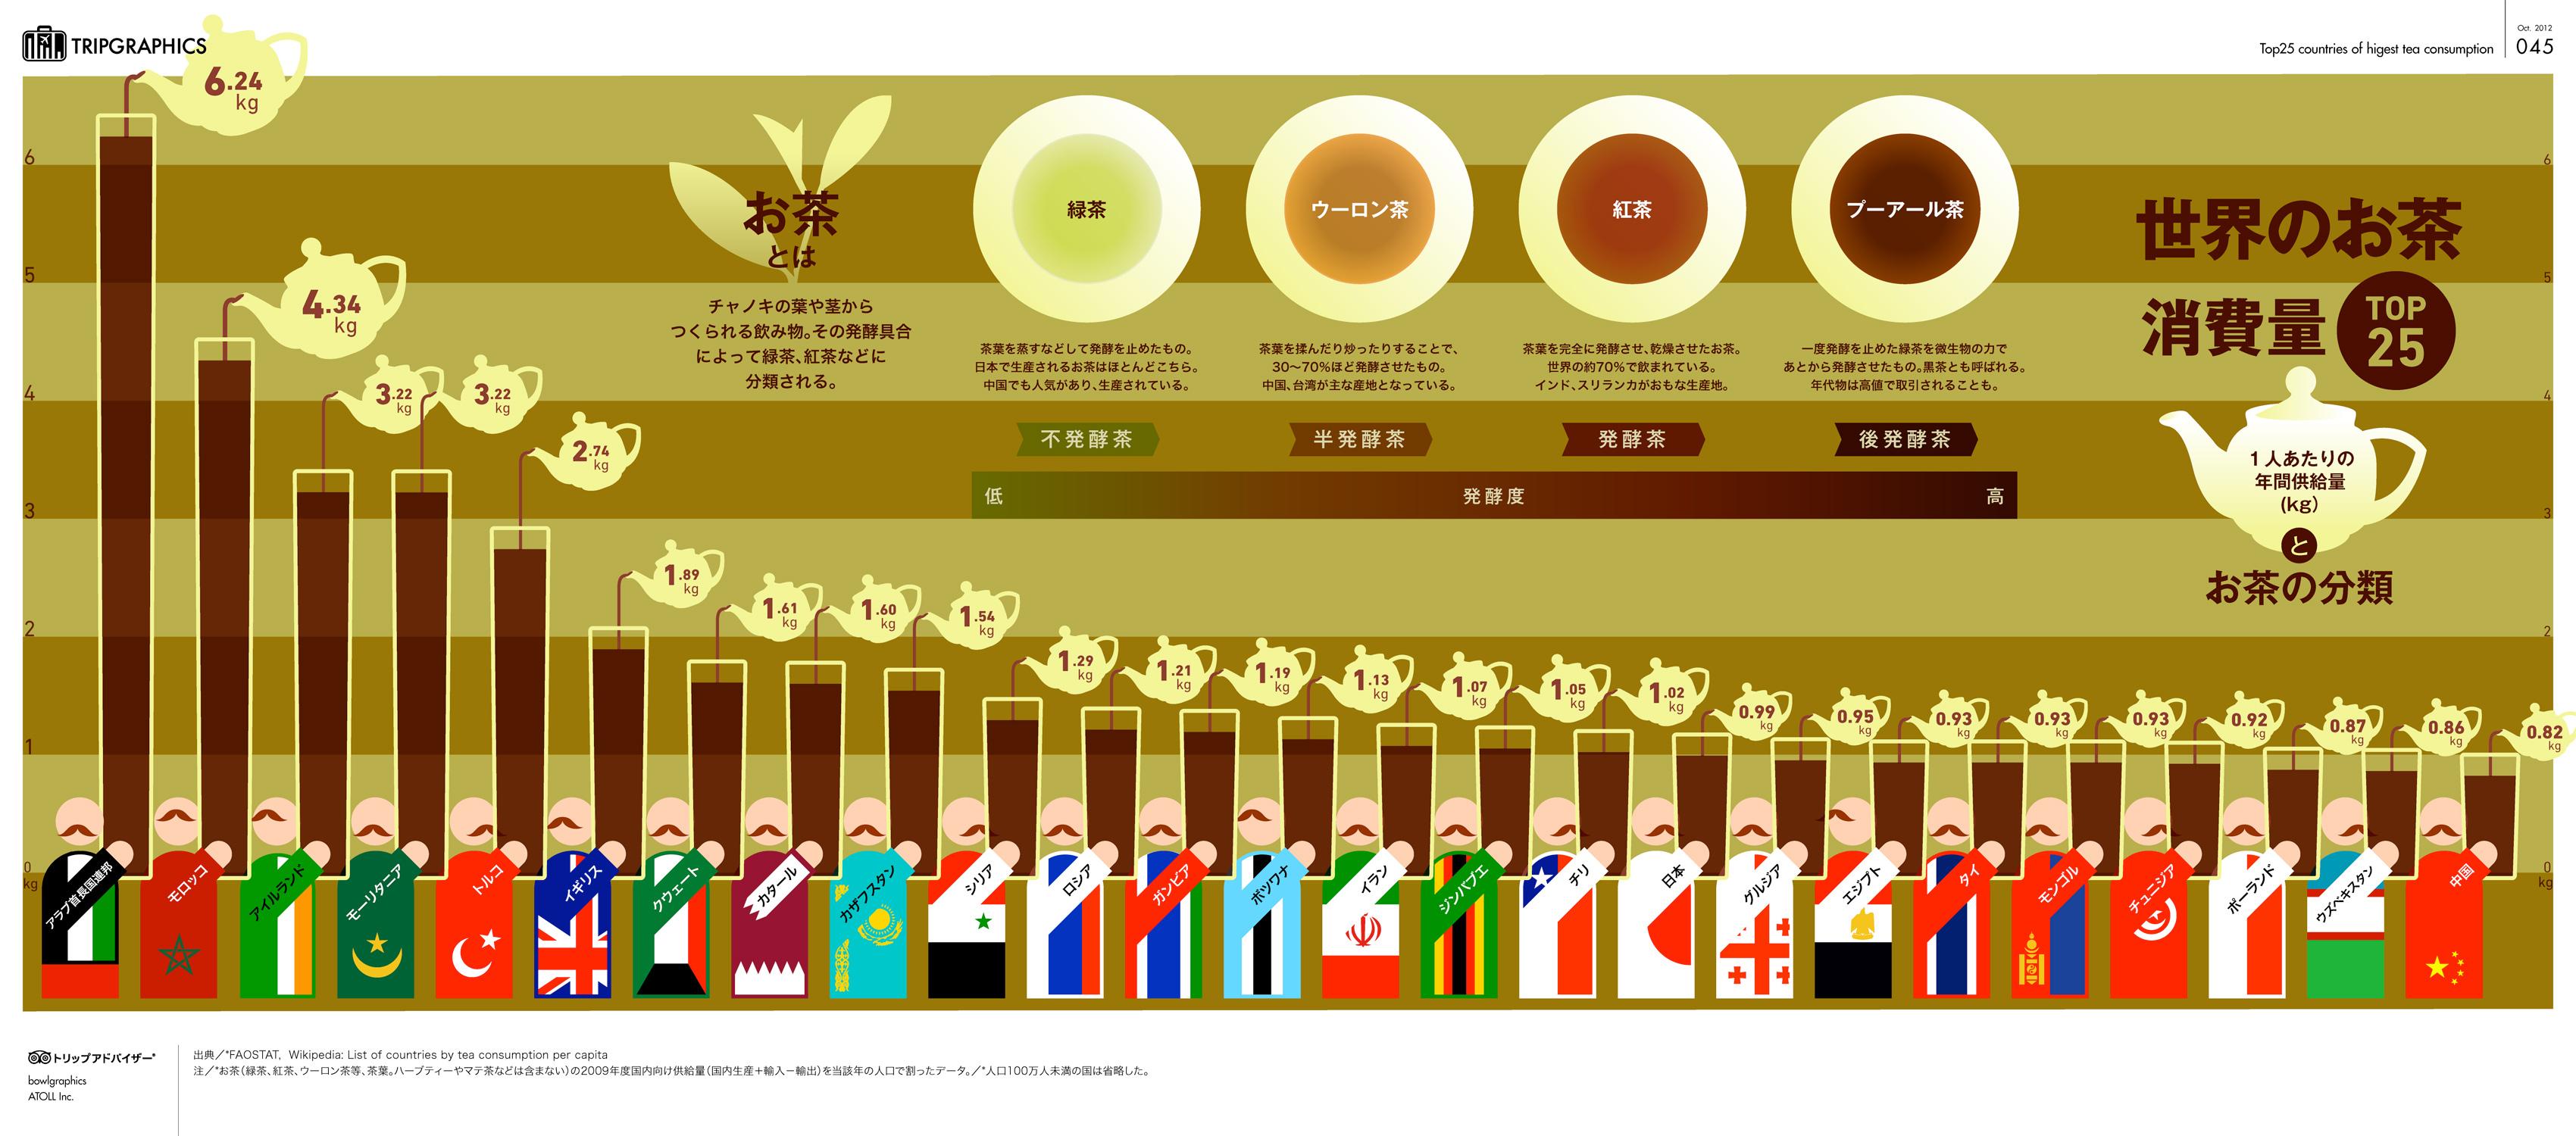 インフォグラフィック:世界お茶消費量ランキング。世界は紅茶主流、緑茶の日本は17位